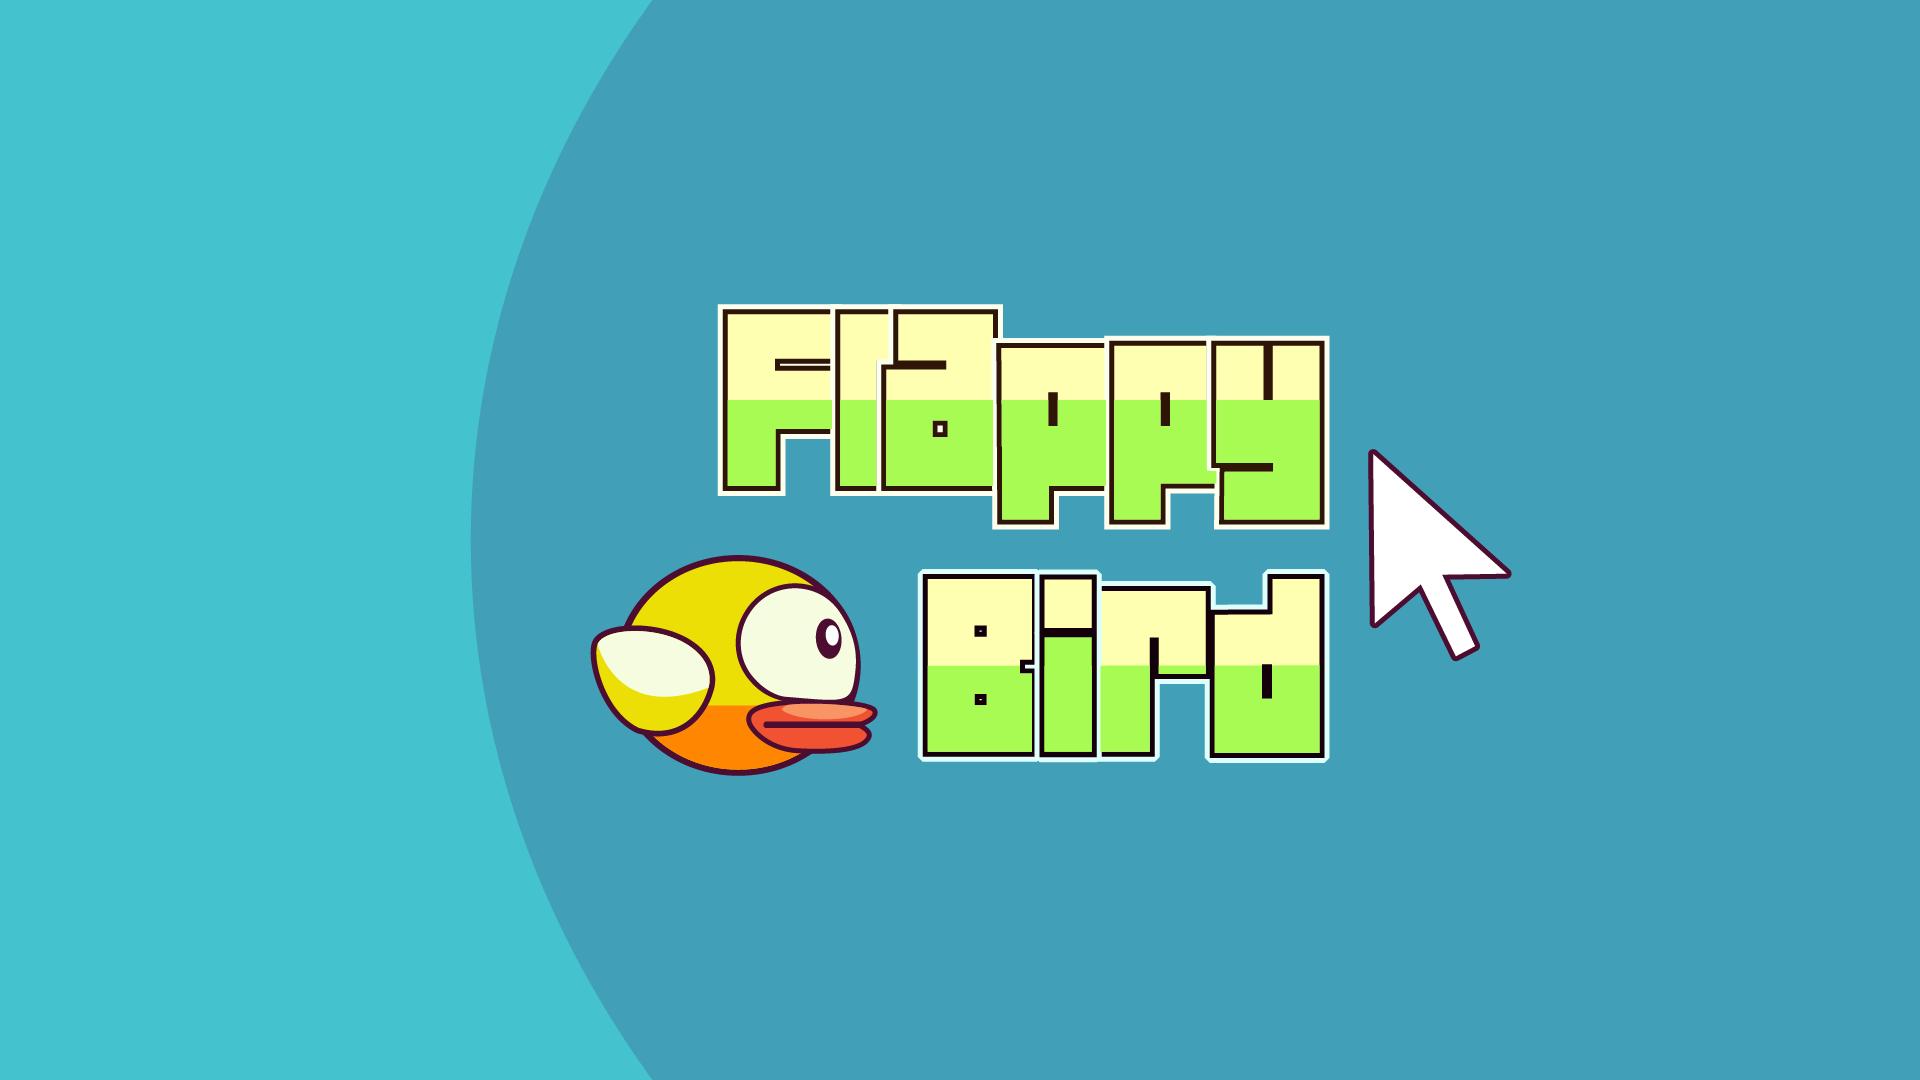 Вебинар Java: создание аркадной игры Flappy bird с помощью Processing фото